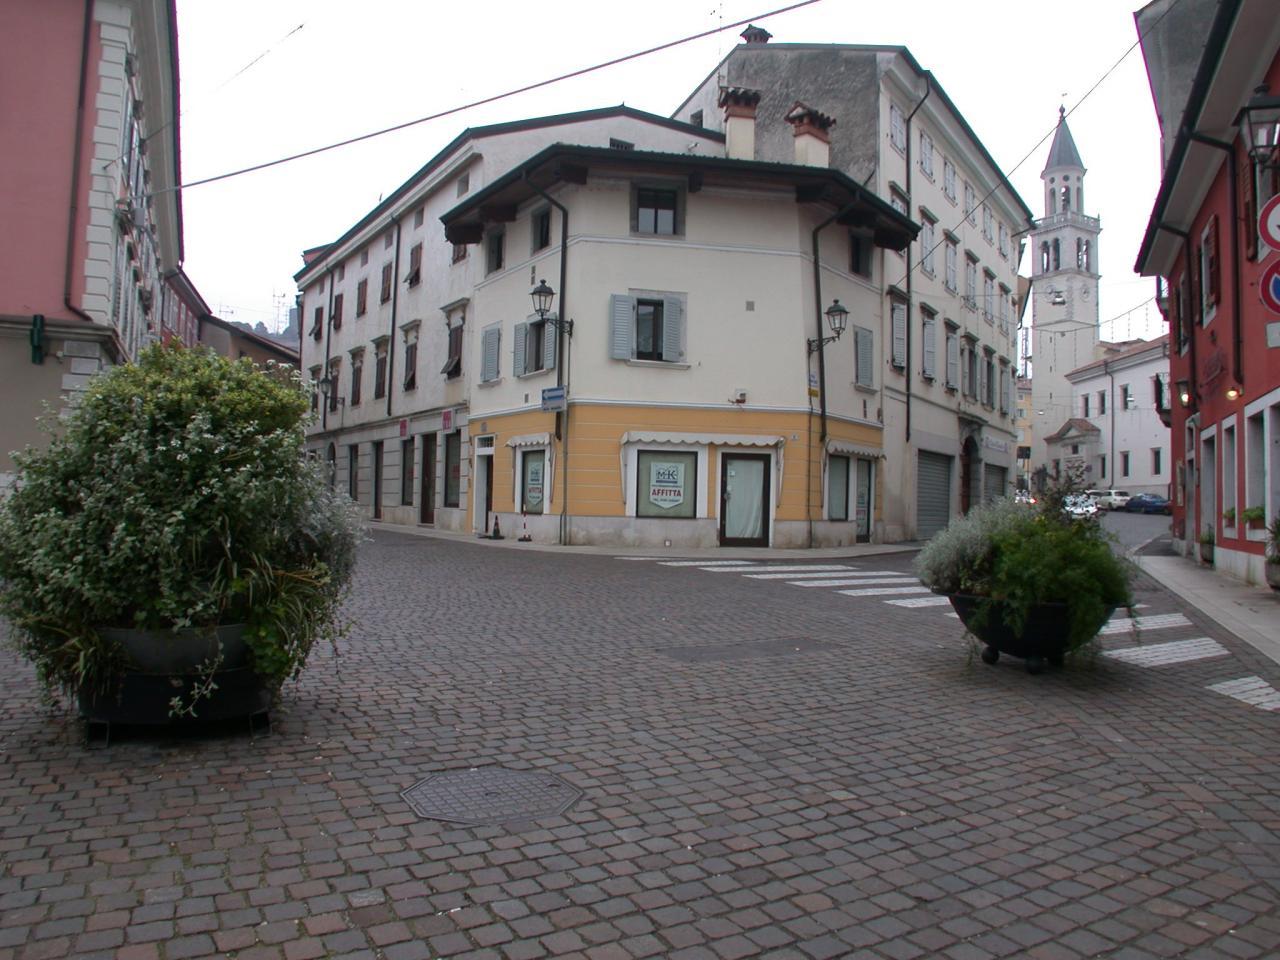 Negozio / Locale in affitto a Gorizia, 9999 locali, zona Località: Centrostorico, prezzo € 480 | Cambio Casa.it